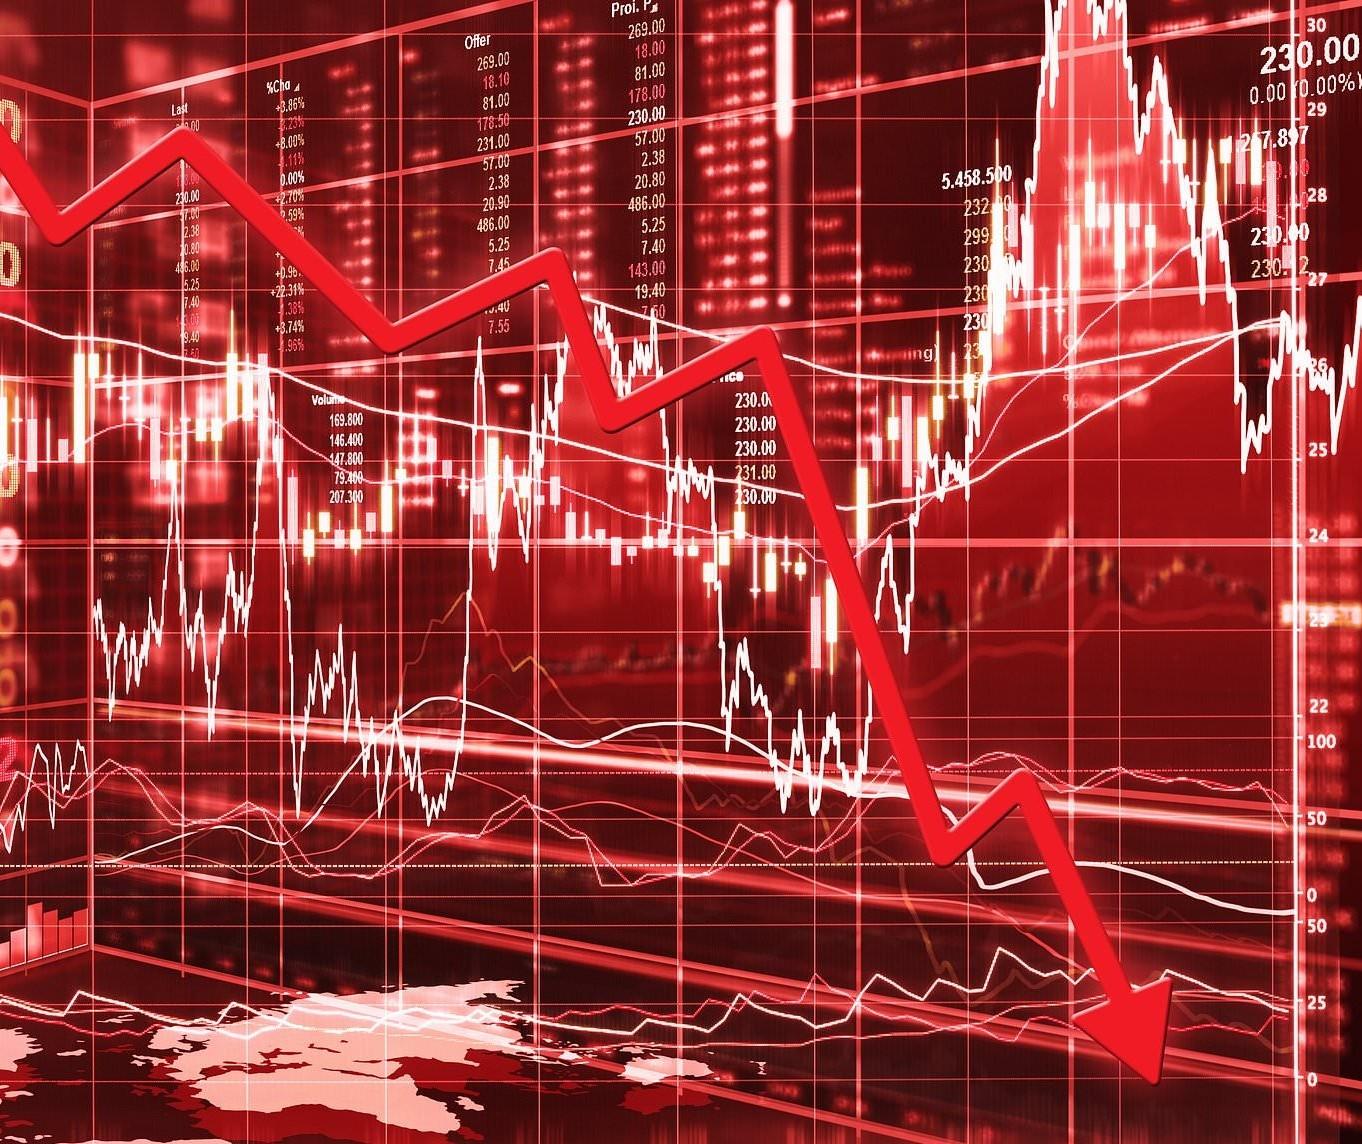 Diferenças fundamentais da crise atual frente a de 2008